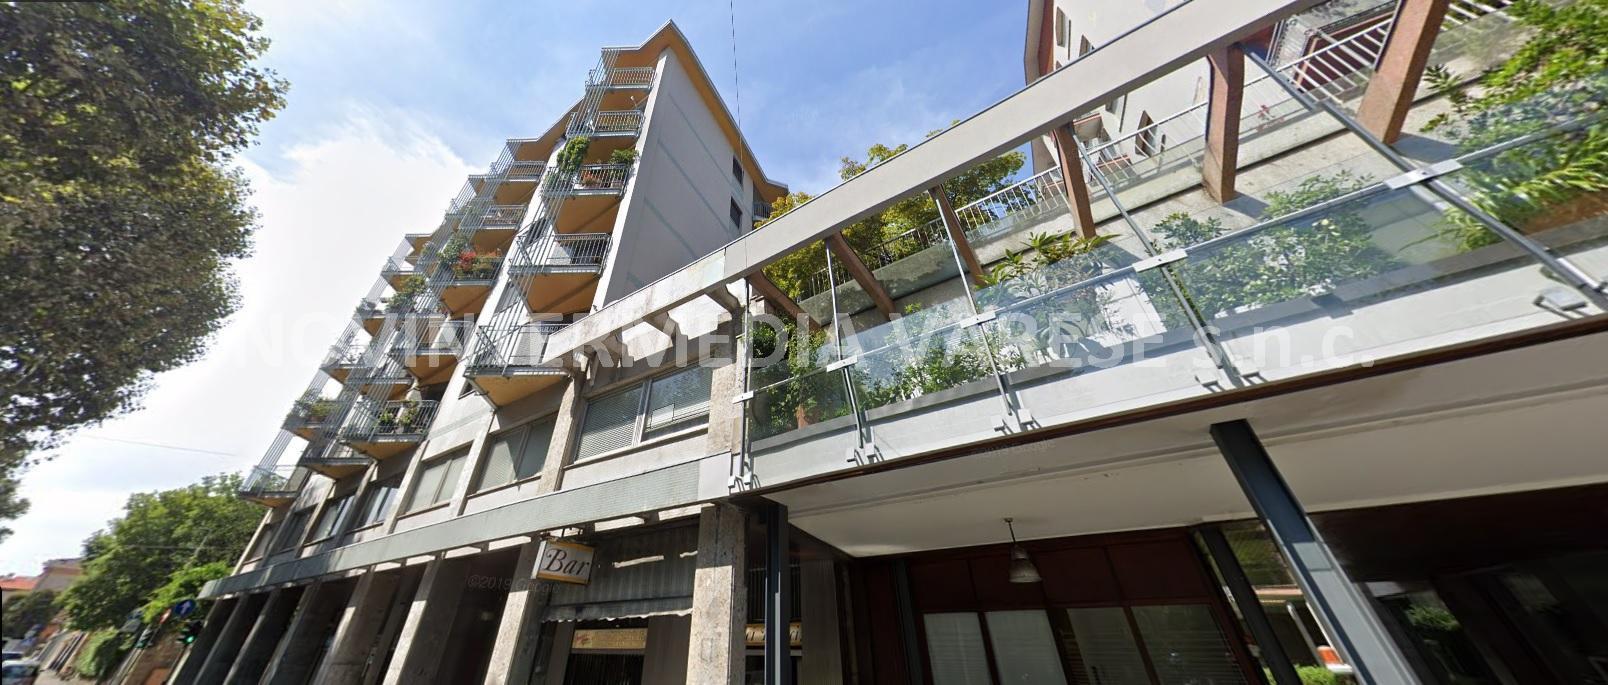 Appartamento in vendita a Varese, 3 locali, prezzo € 180.000   CambioCasa.it